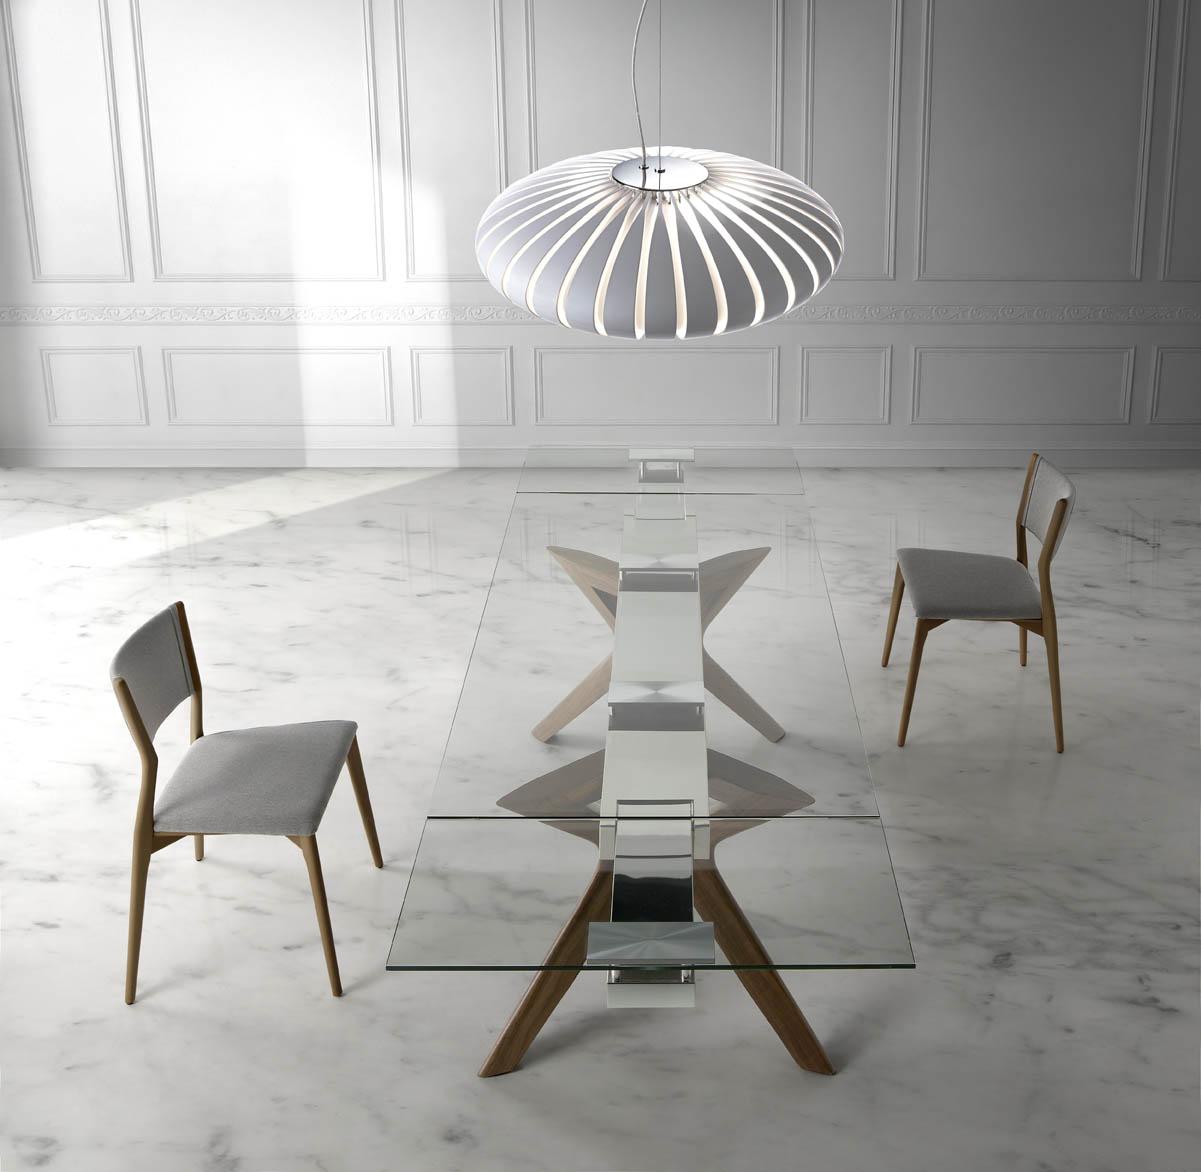 Mesa con tapa de cristal templado muebles arribas for Mesa cristal templado